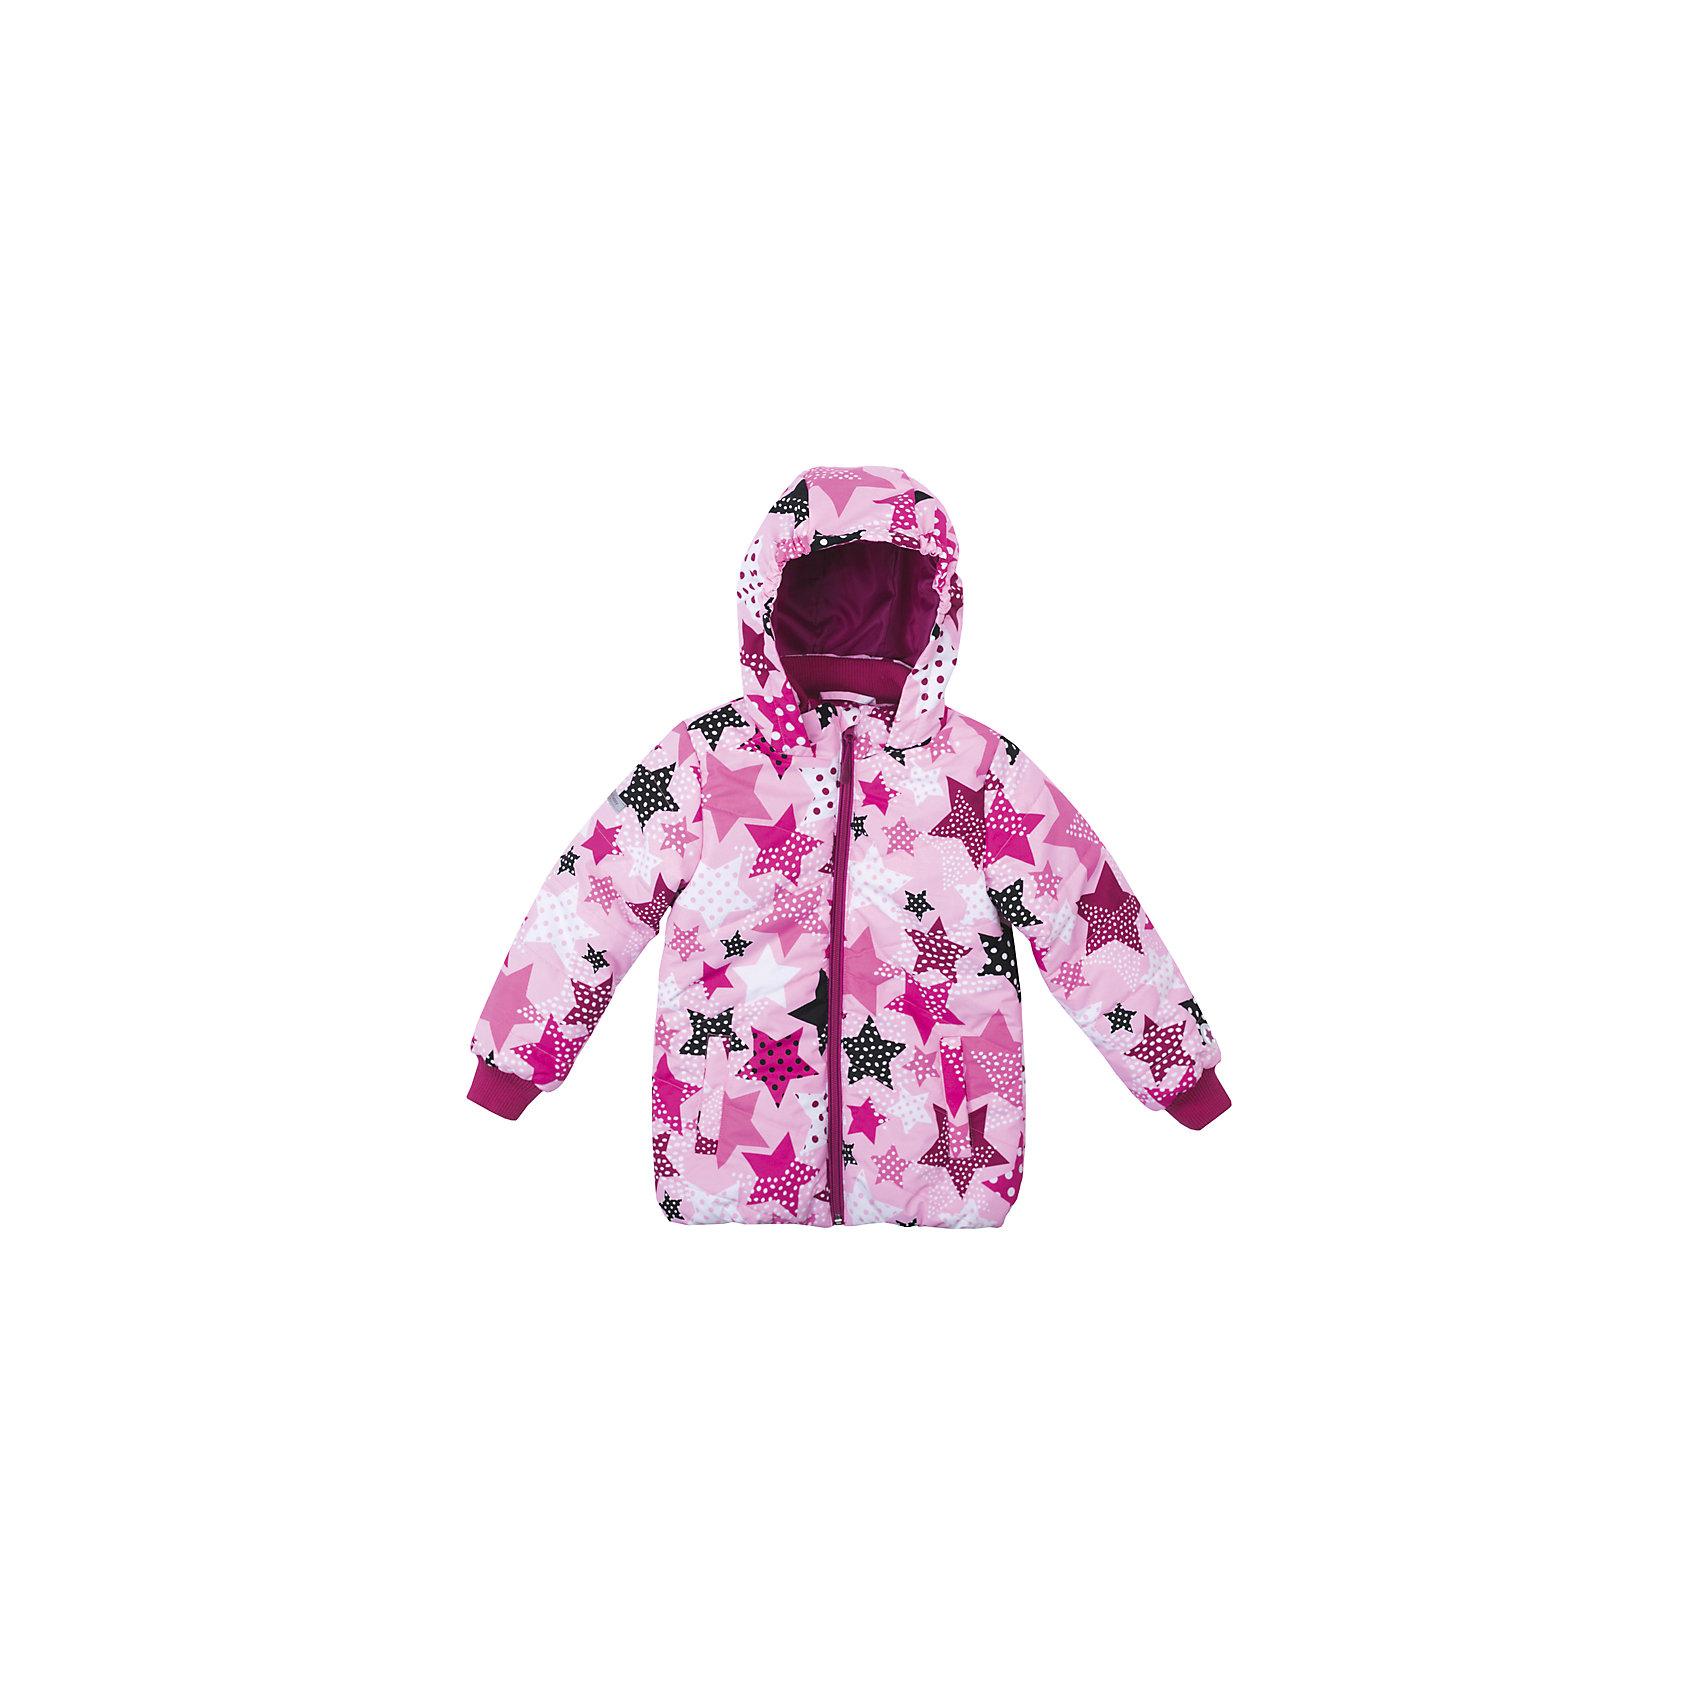 Куртка для девочки PlayTodayКуртка для девочки PlayToday<br>Яркая стильная стеганая утепленная куртка со специальной водоотталкивающей пропиткой защитит Вашего ребенка в любую погоду!  Мягкие трикотажные резинки на рукавах защитят Вашего ребенка - ветер не сможет проникнуть под куртку.  Специальный карман для фиксации застежки-молнии не позволит застежке травмировать нежную детскую кожу. За счет мягких резинок, капюшон не упадет с головы даже во время активных игр. Светоотражатели на рукаве и по низу изделия позволят видеть Вашего ребенка даже в темное время суток. <br><br>Преимущества: <br><br>Защита подбородка. Специальный карман для фиксации застежки-молнии. Наличие данного кармана не позволит застежке -молнии травмировать нежную кожу ребенка<br>Водоооталкивающая пропитка <br>Мягкие трикотажные резинки на рукавах <br><br>Состав:<br>Верх: 100% полиэстер, Подкладка: 100% полиэстер, Наполнитель: 100% полиэстер, 150 г/м2<br><br>Ширина мм: 356<br>Глубина мм: 10<br>Высота мм: 245<br>Вес г: 519<br>Цвет: разноцветный<br>Возраст от месяцев: 84<br>Возраст до месяцев: 96<br>Пол: Женский<br>Возраст: Детский<br>Размер: 128,98,104,110,116,122<br>SKU: 5403788